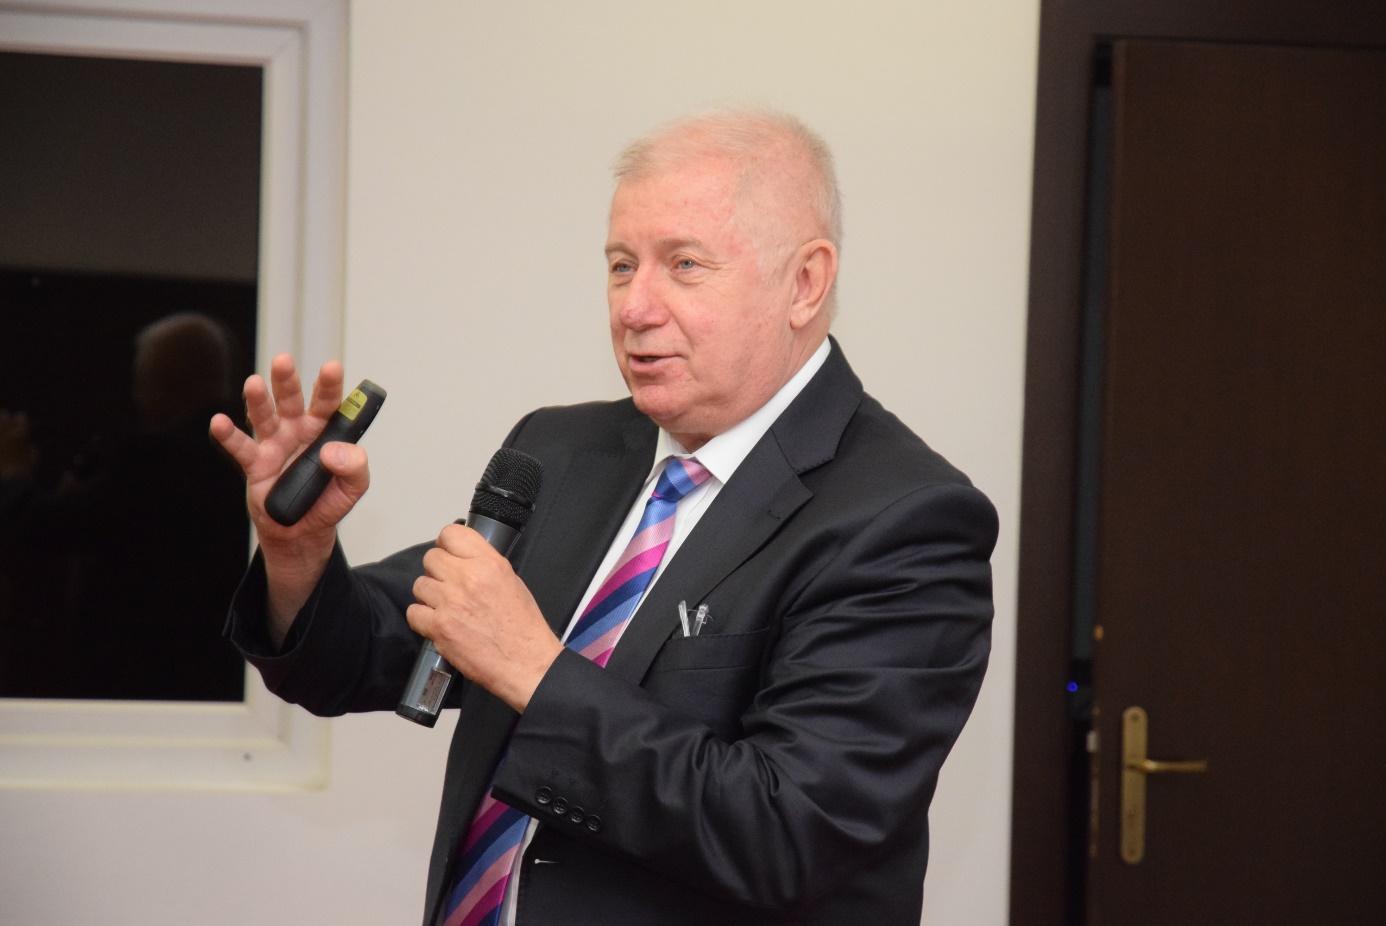 """В доклада си на тема """"Дигитализация на икономиката в среда на Големи данни"""" проф. д.ик.н. Валентин Кисимов, директор на Центъра за компютърни иновативни системи, разгледа механизма за обработване на данните и дигитализирането на процесите."""